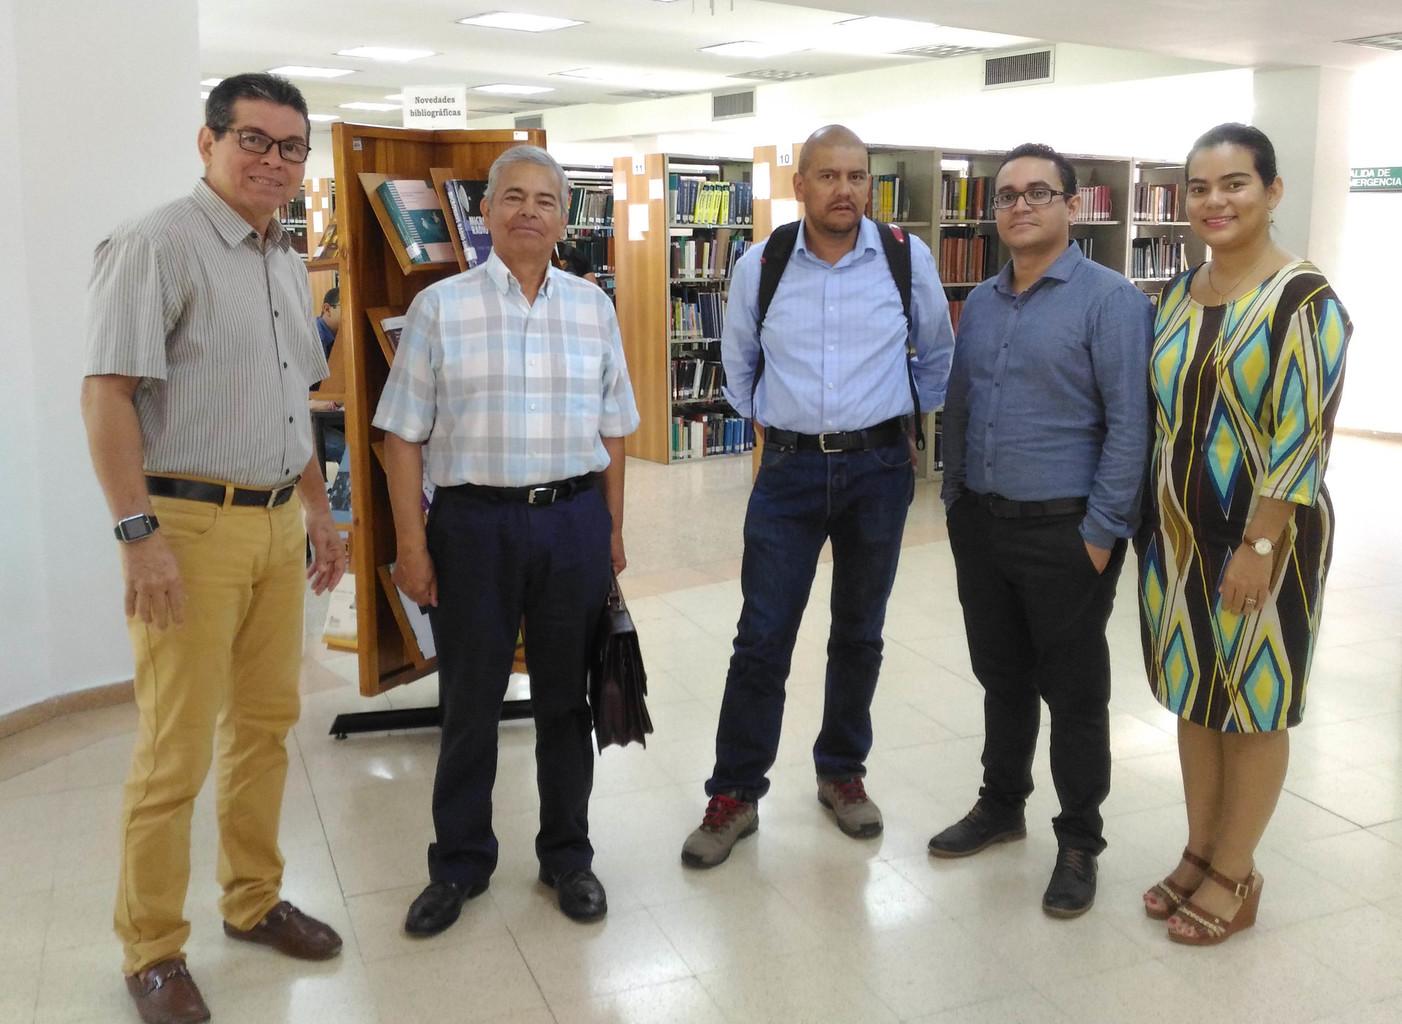 Pares académicos visitan la UTB para renovar la acreditación del programa de Ingeniería Electrónica